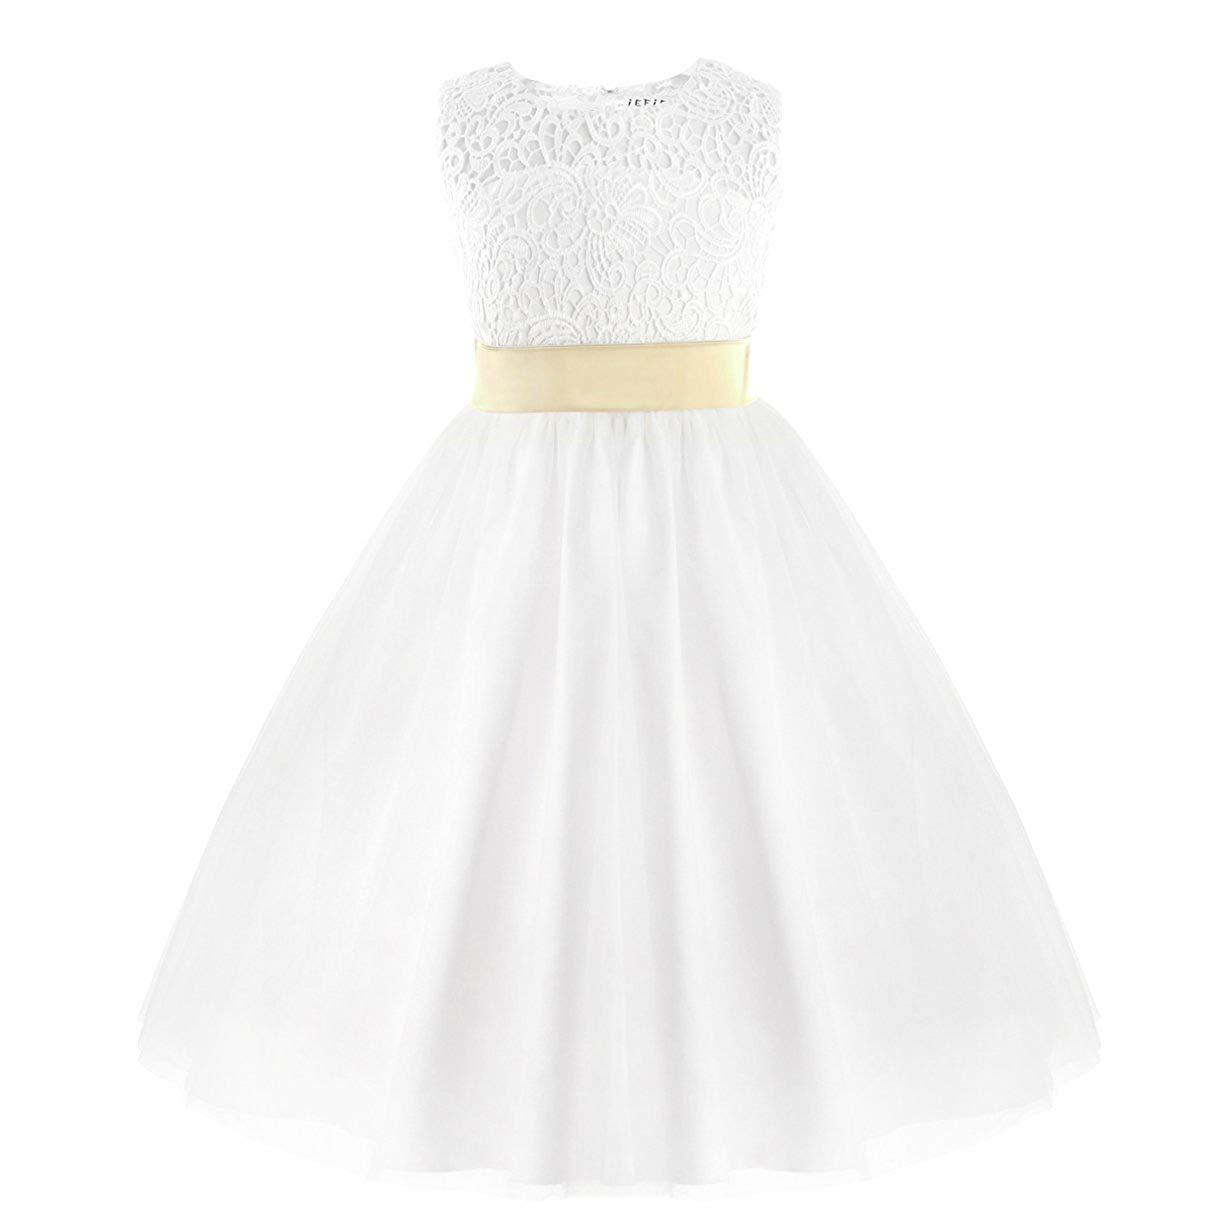 Blanc avec Noeud 3-6 mois MJY Fille De Fleur De Mode Robes De Dentelle Enfants Coeur Retour Communion Baptême De Mariage Demoiselle D'honneur Robe De Fête,Blanc avec ceinture,9-10 ans